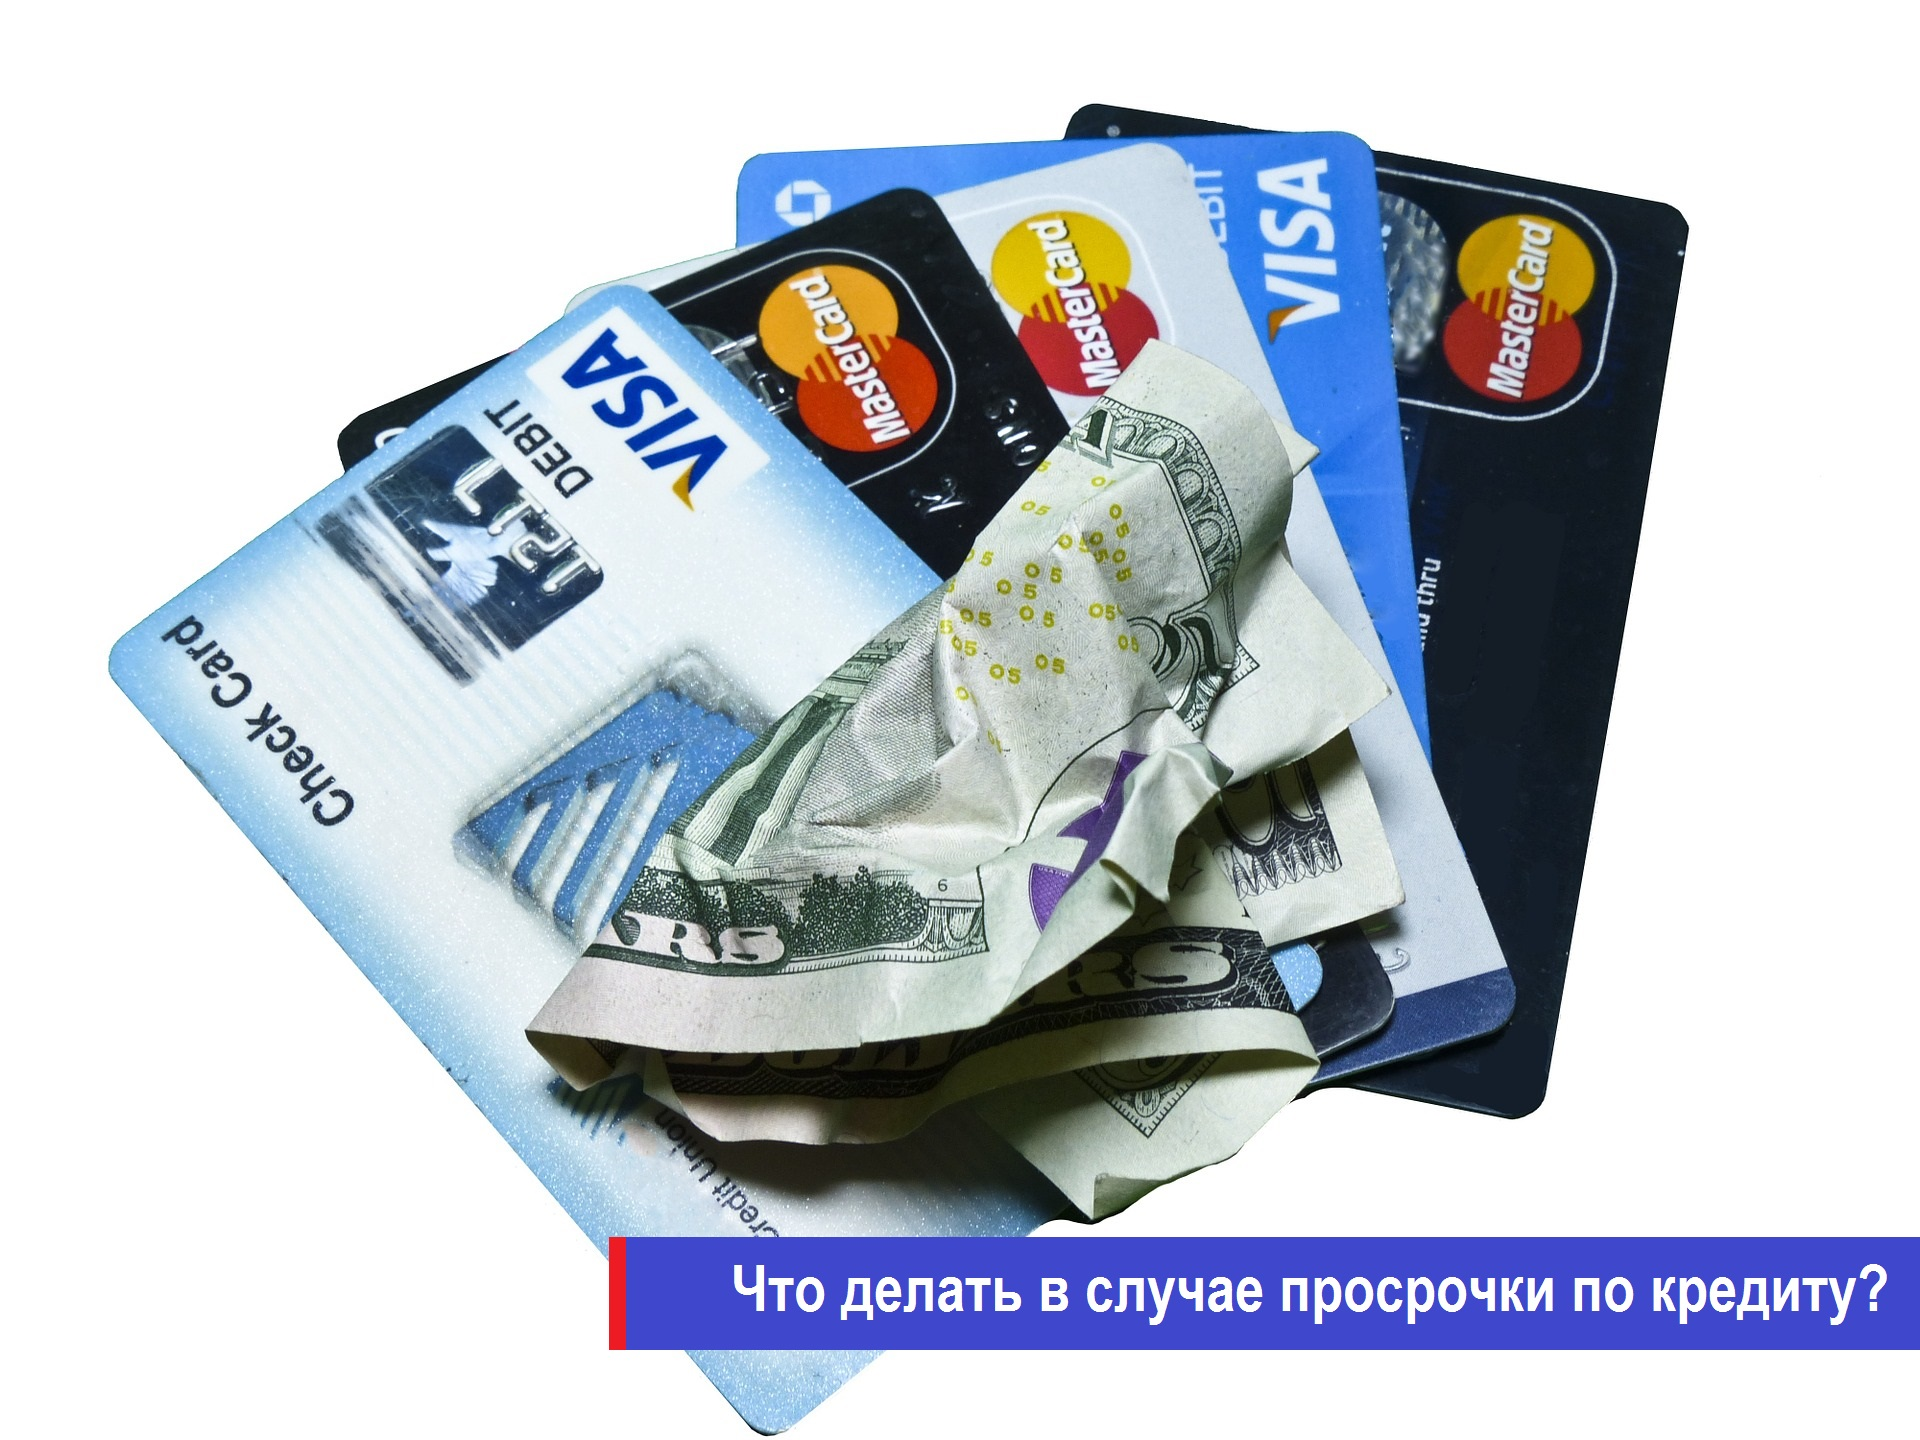 совкомбанк кредиты кредитные дебетовые карты карта рассрочки халва